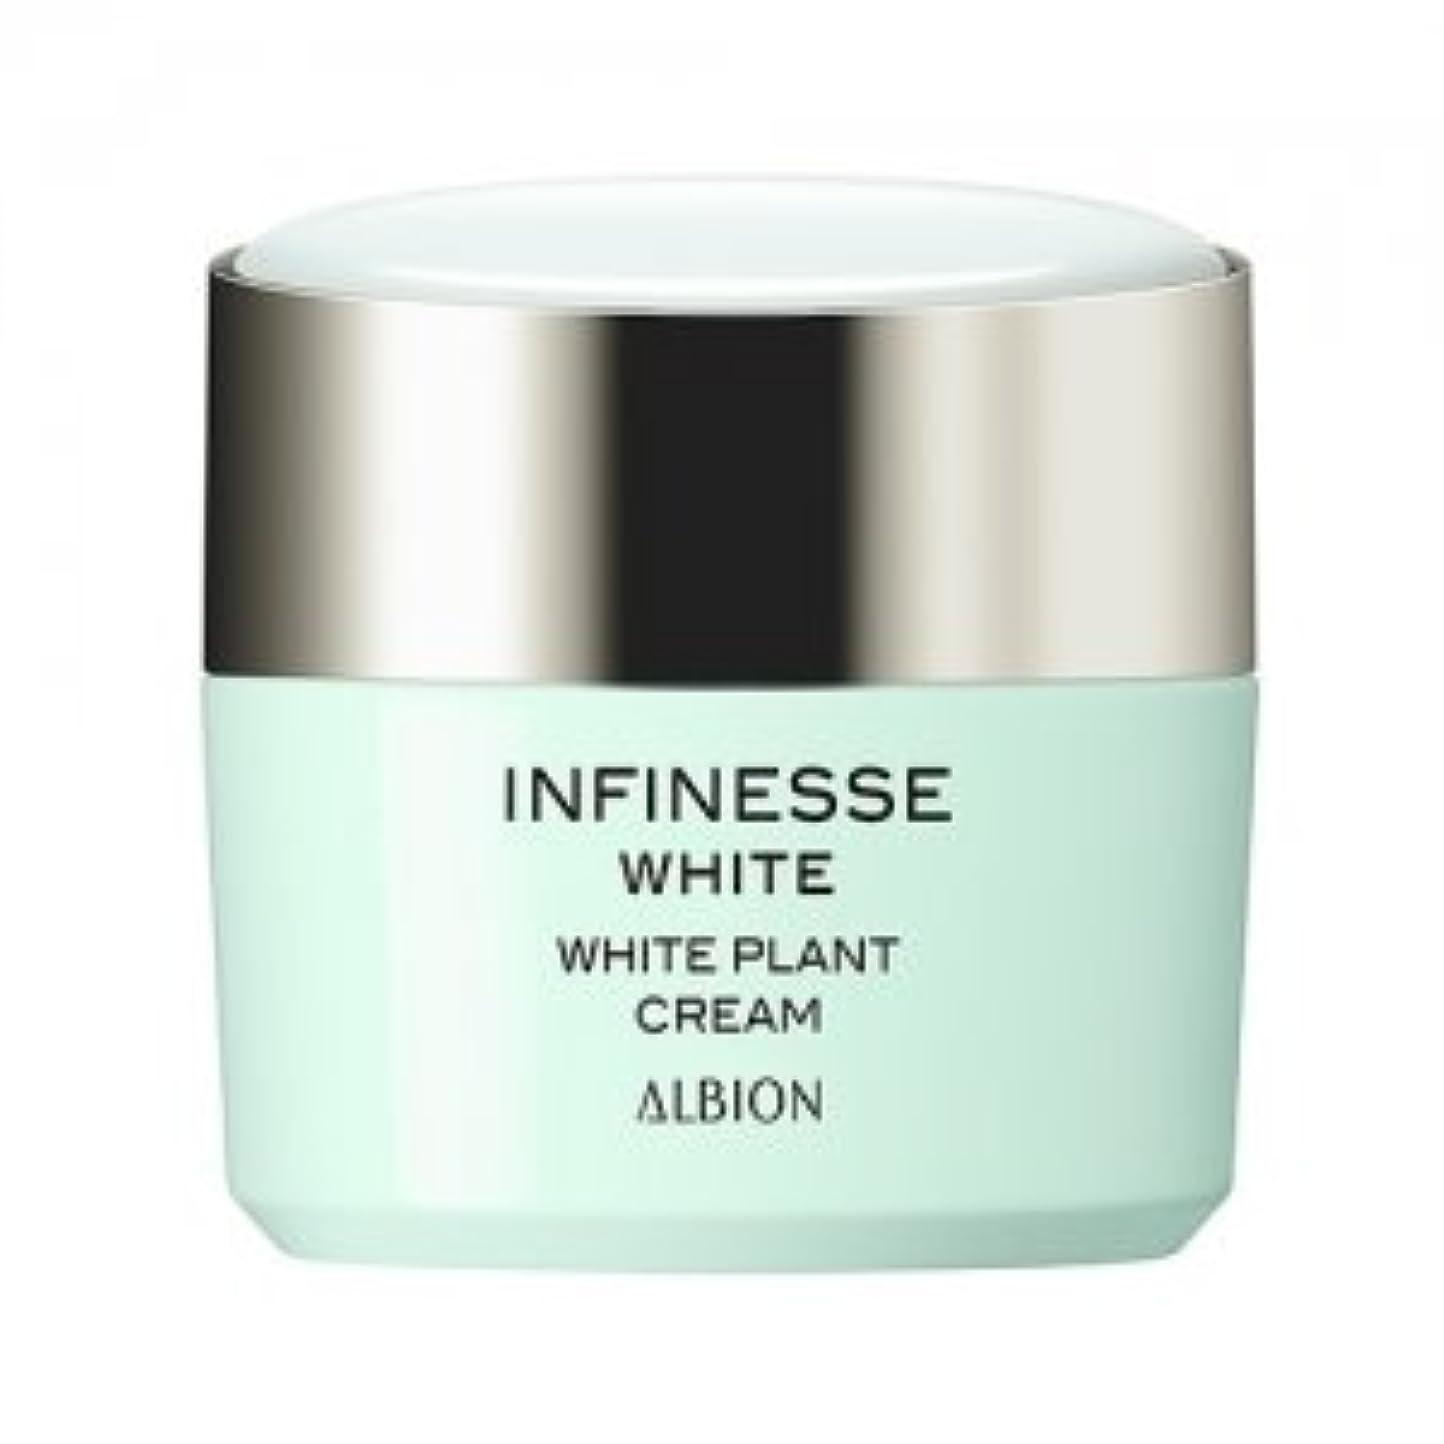 用心宇宙粘液アルビオン アンフィネスホワイト ホワイト プラント クリーム 30g